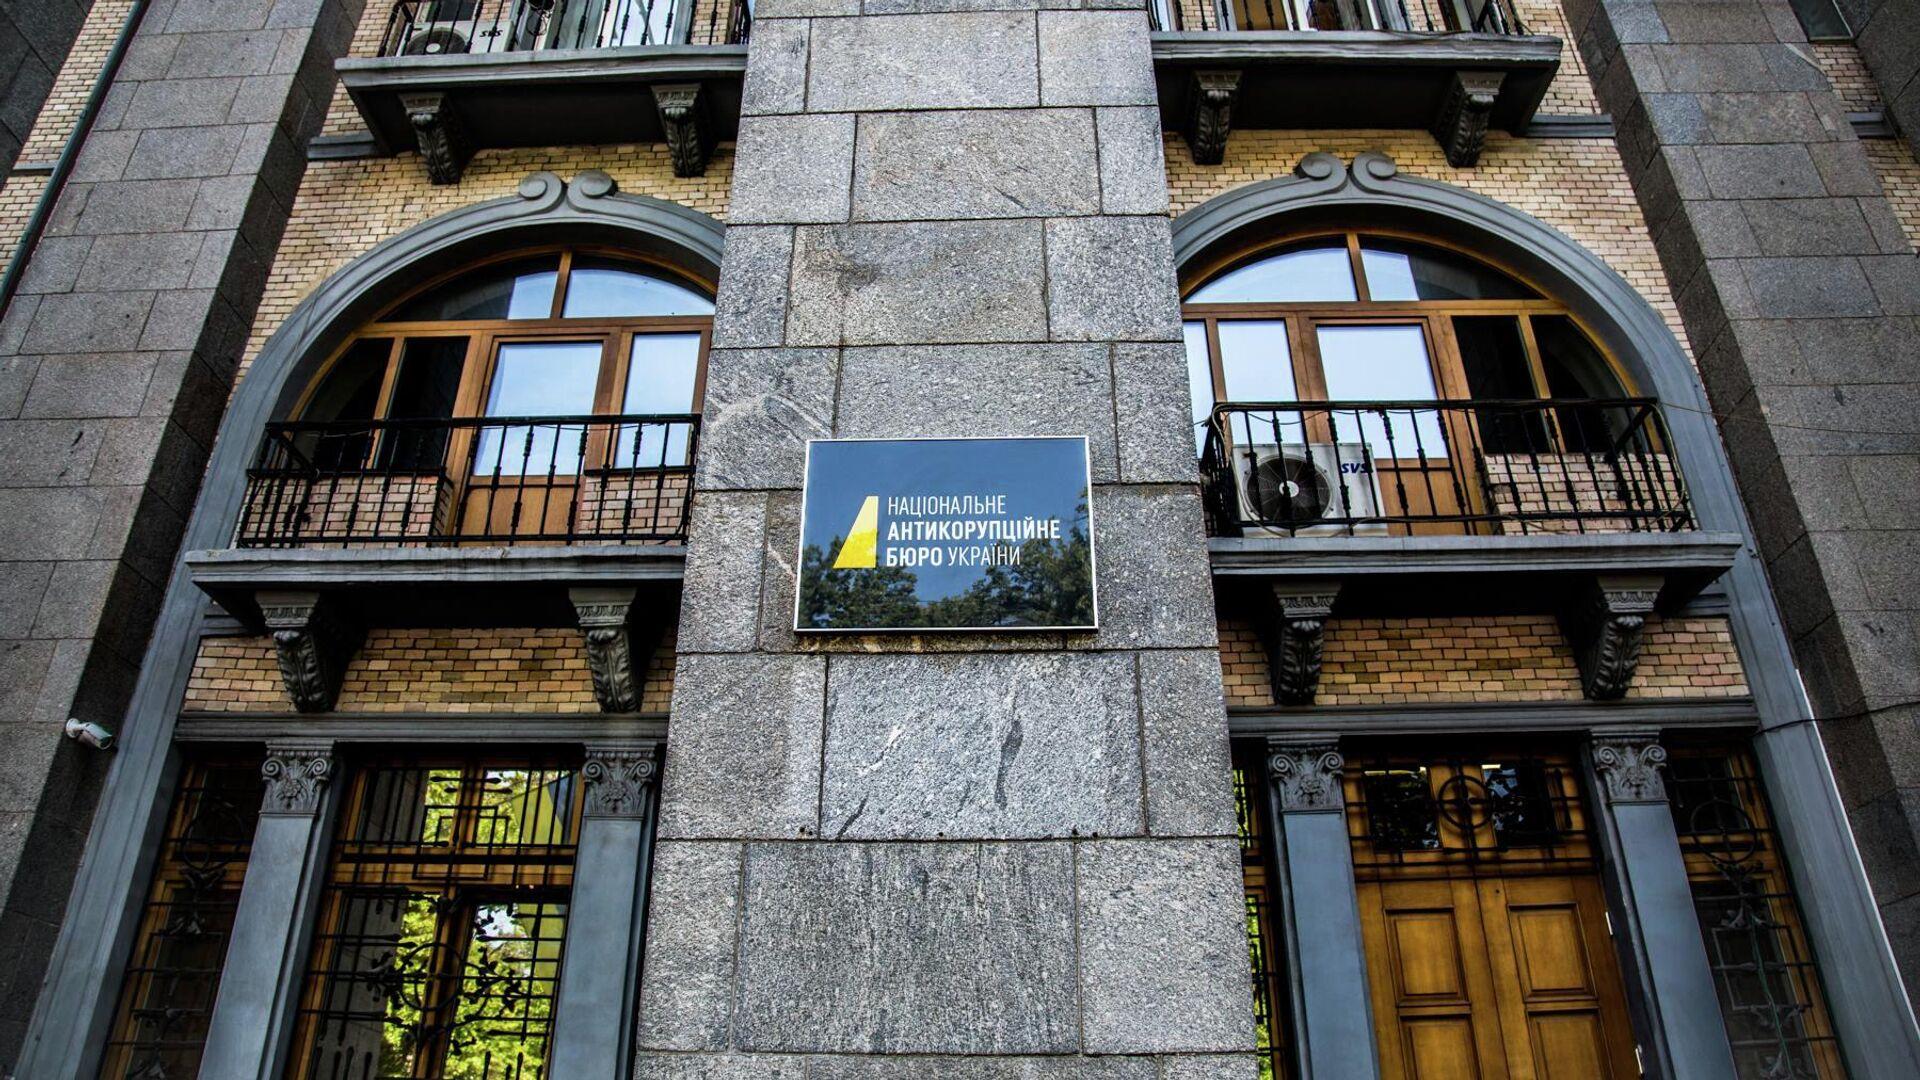 Национальное антикоррупционное бюро Украины - РИА Новости, 1920, 18.04.2021